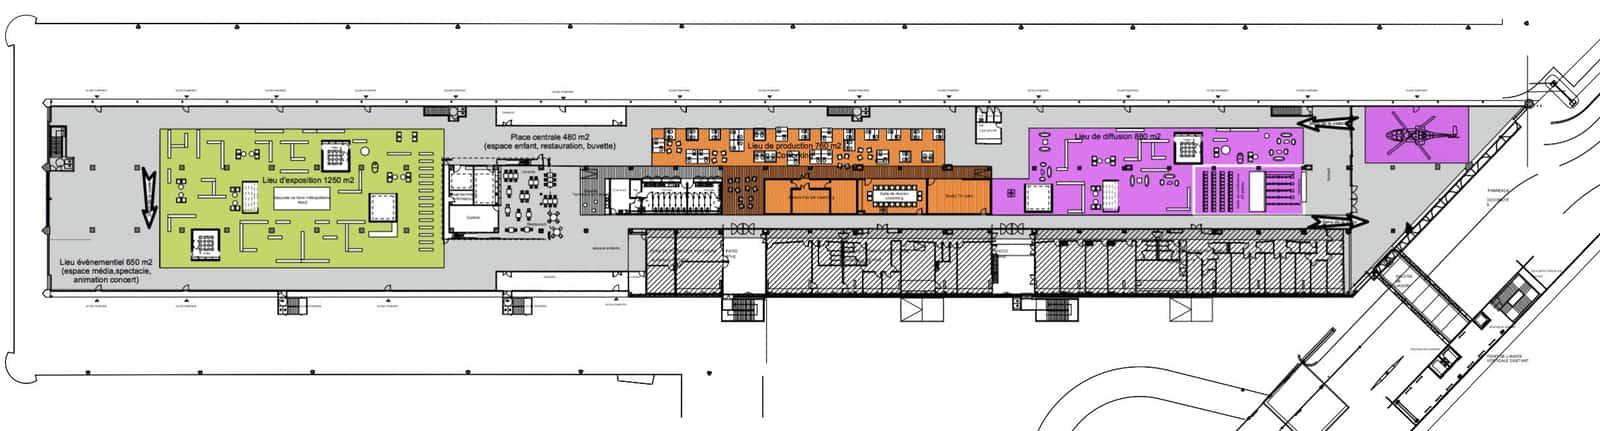 J1, Le hangar du J1 réouvert au public pour accueillir des expositions, Made in Marseille, Made in Marseille